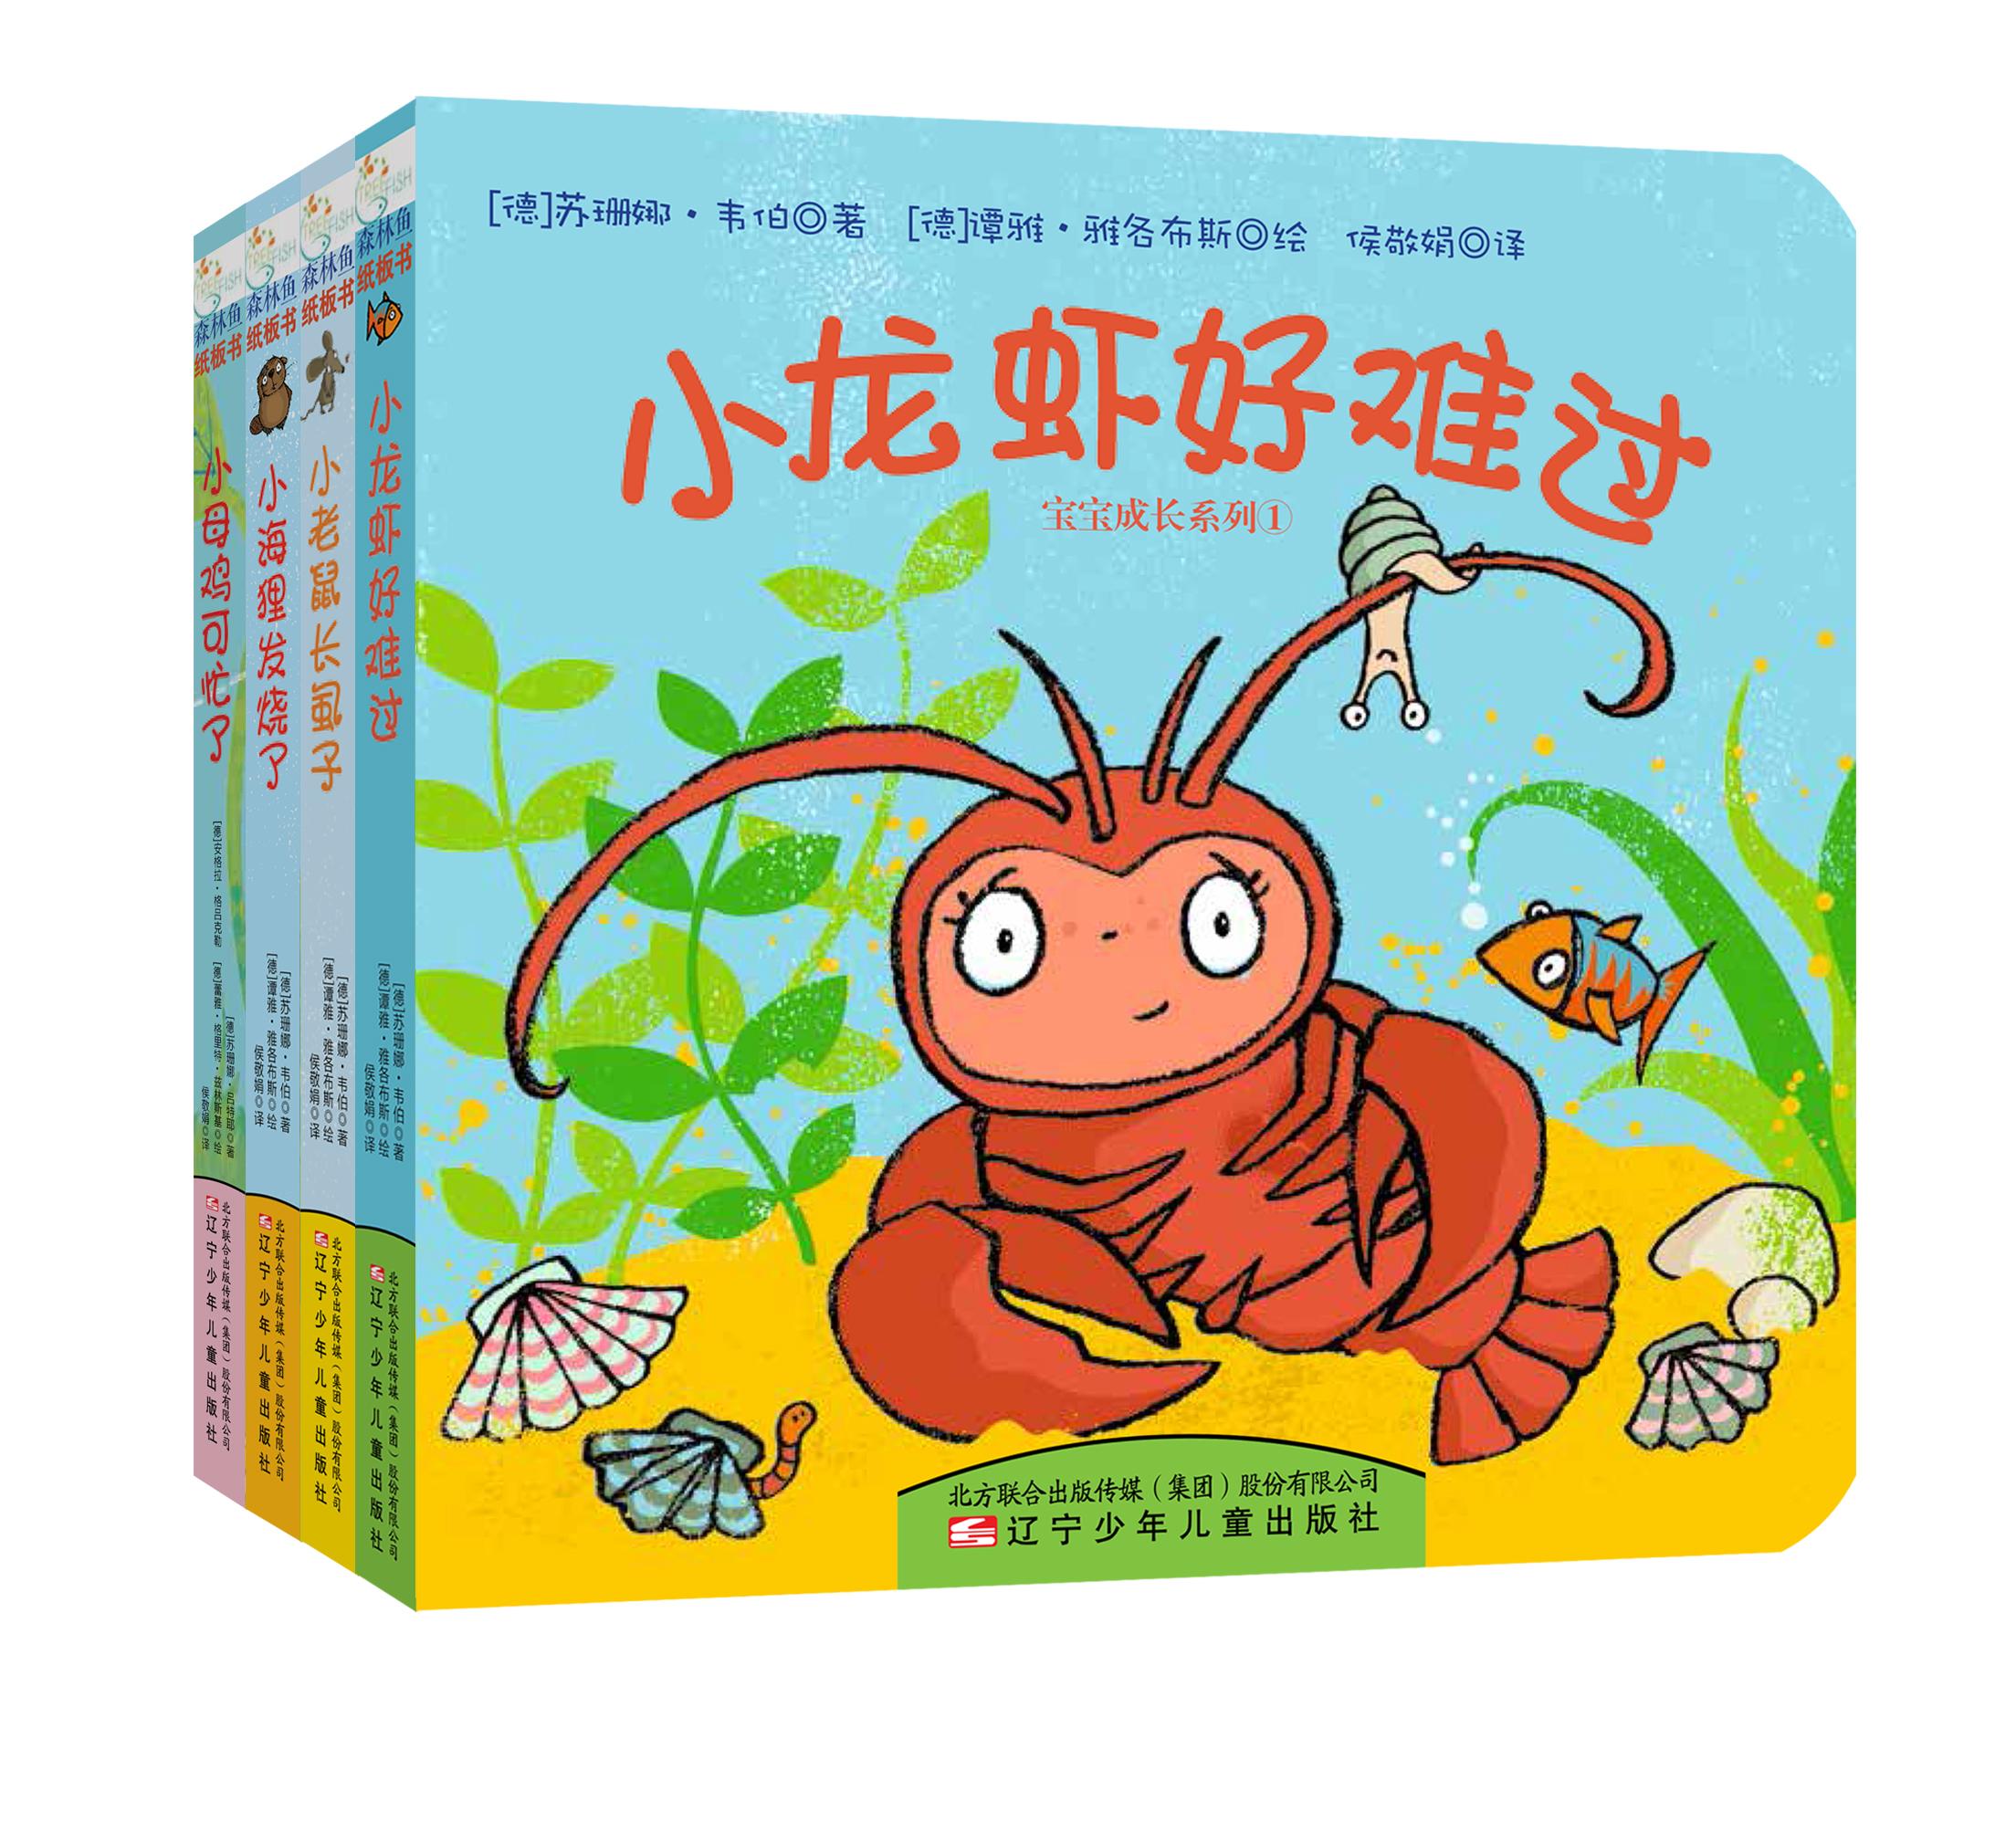 宝宝成长系列(全4册)(小母鸡可忙了/小海狸发烧了/小龙虾好难过/小老鼠长虱子)